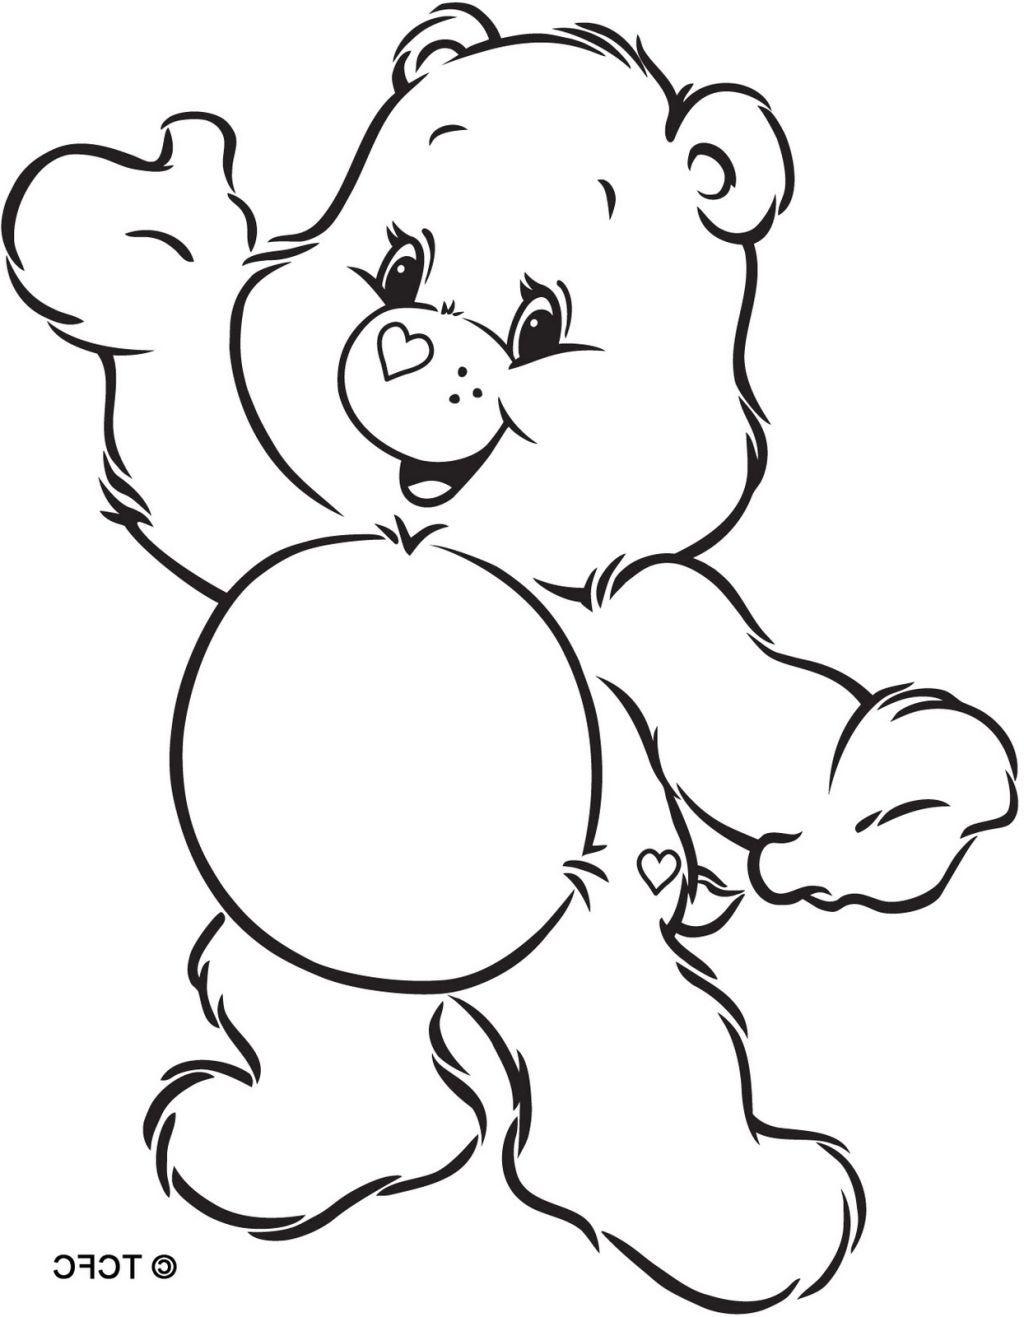 Obraz Znaleziony Dla Care Bears Coloring Bear Coloring Pages Teddy Bear Coloring Pages Animal Coloring Pages